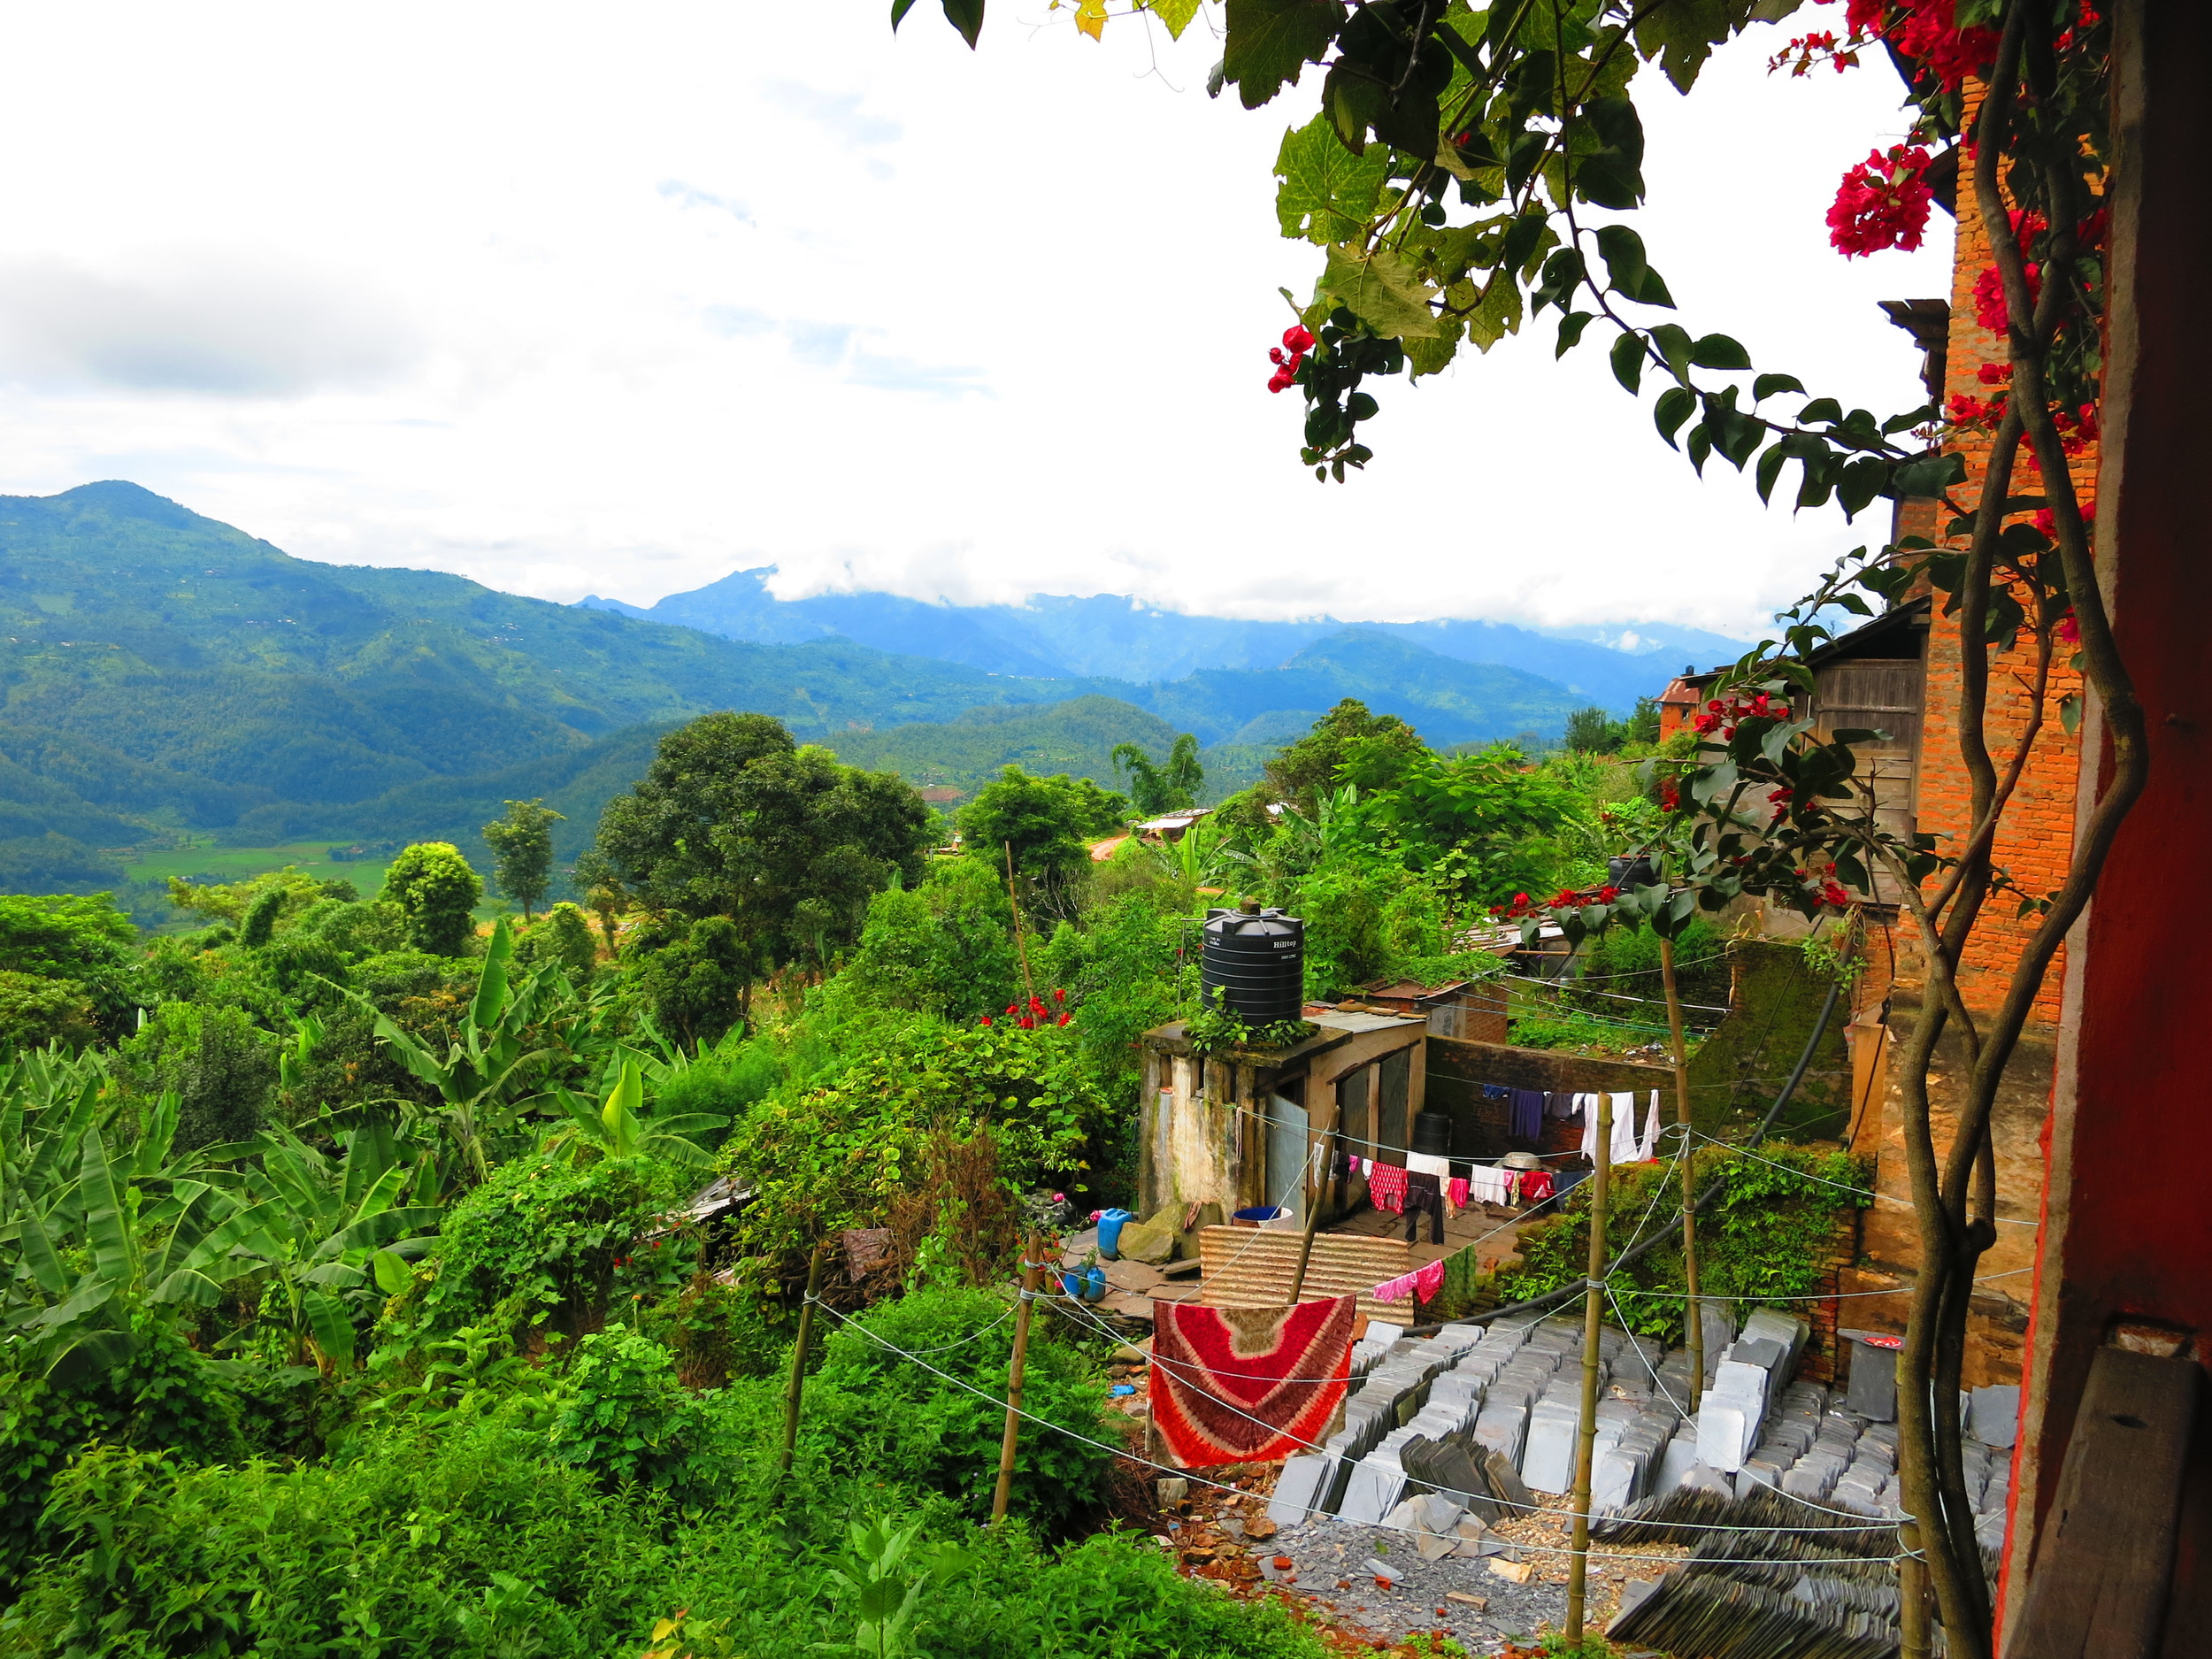 ang_nepal:india_0161.JPG